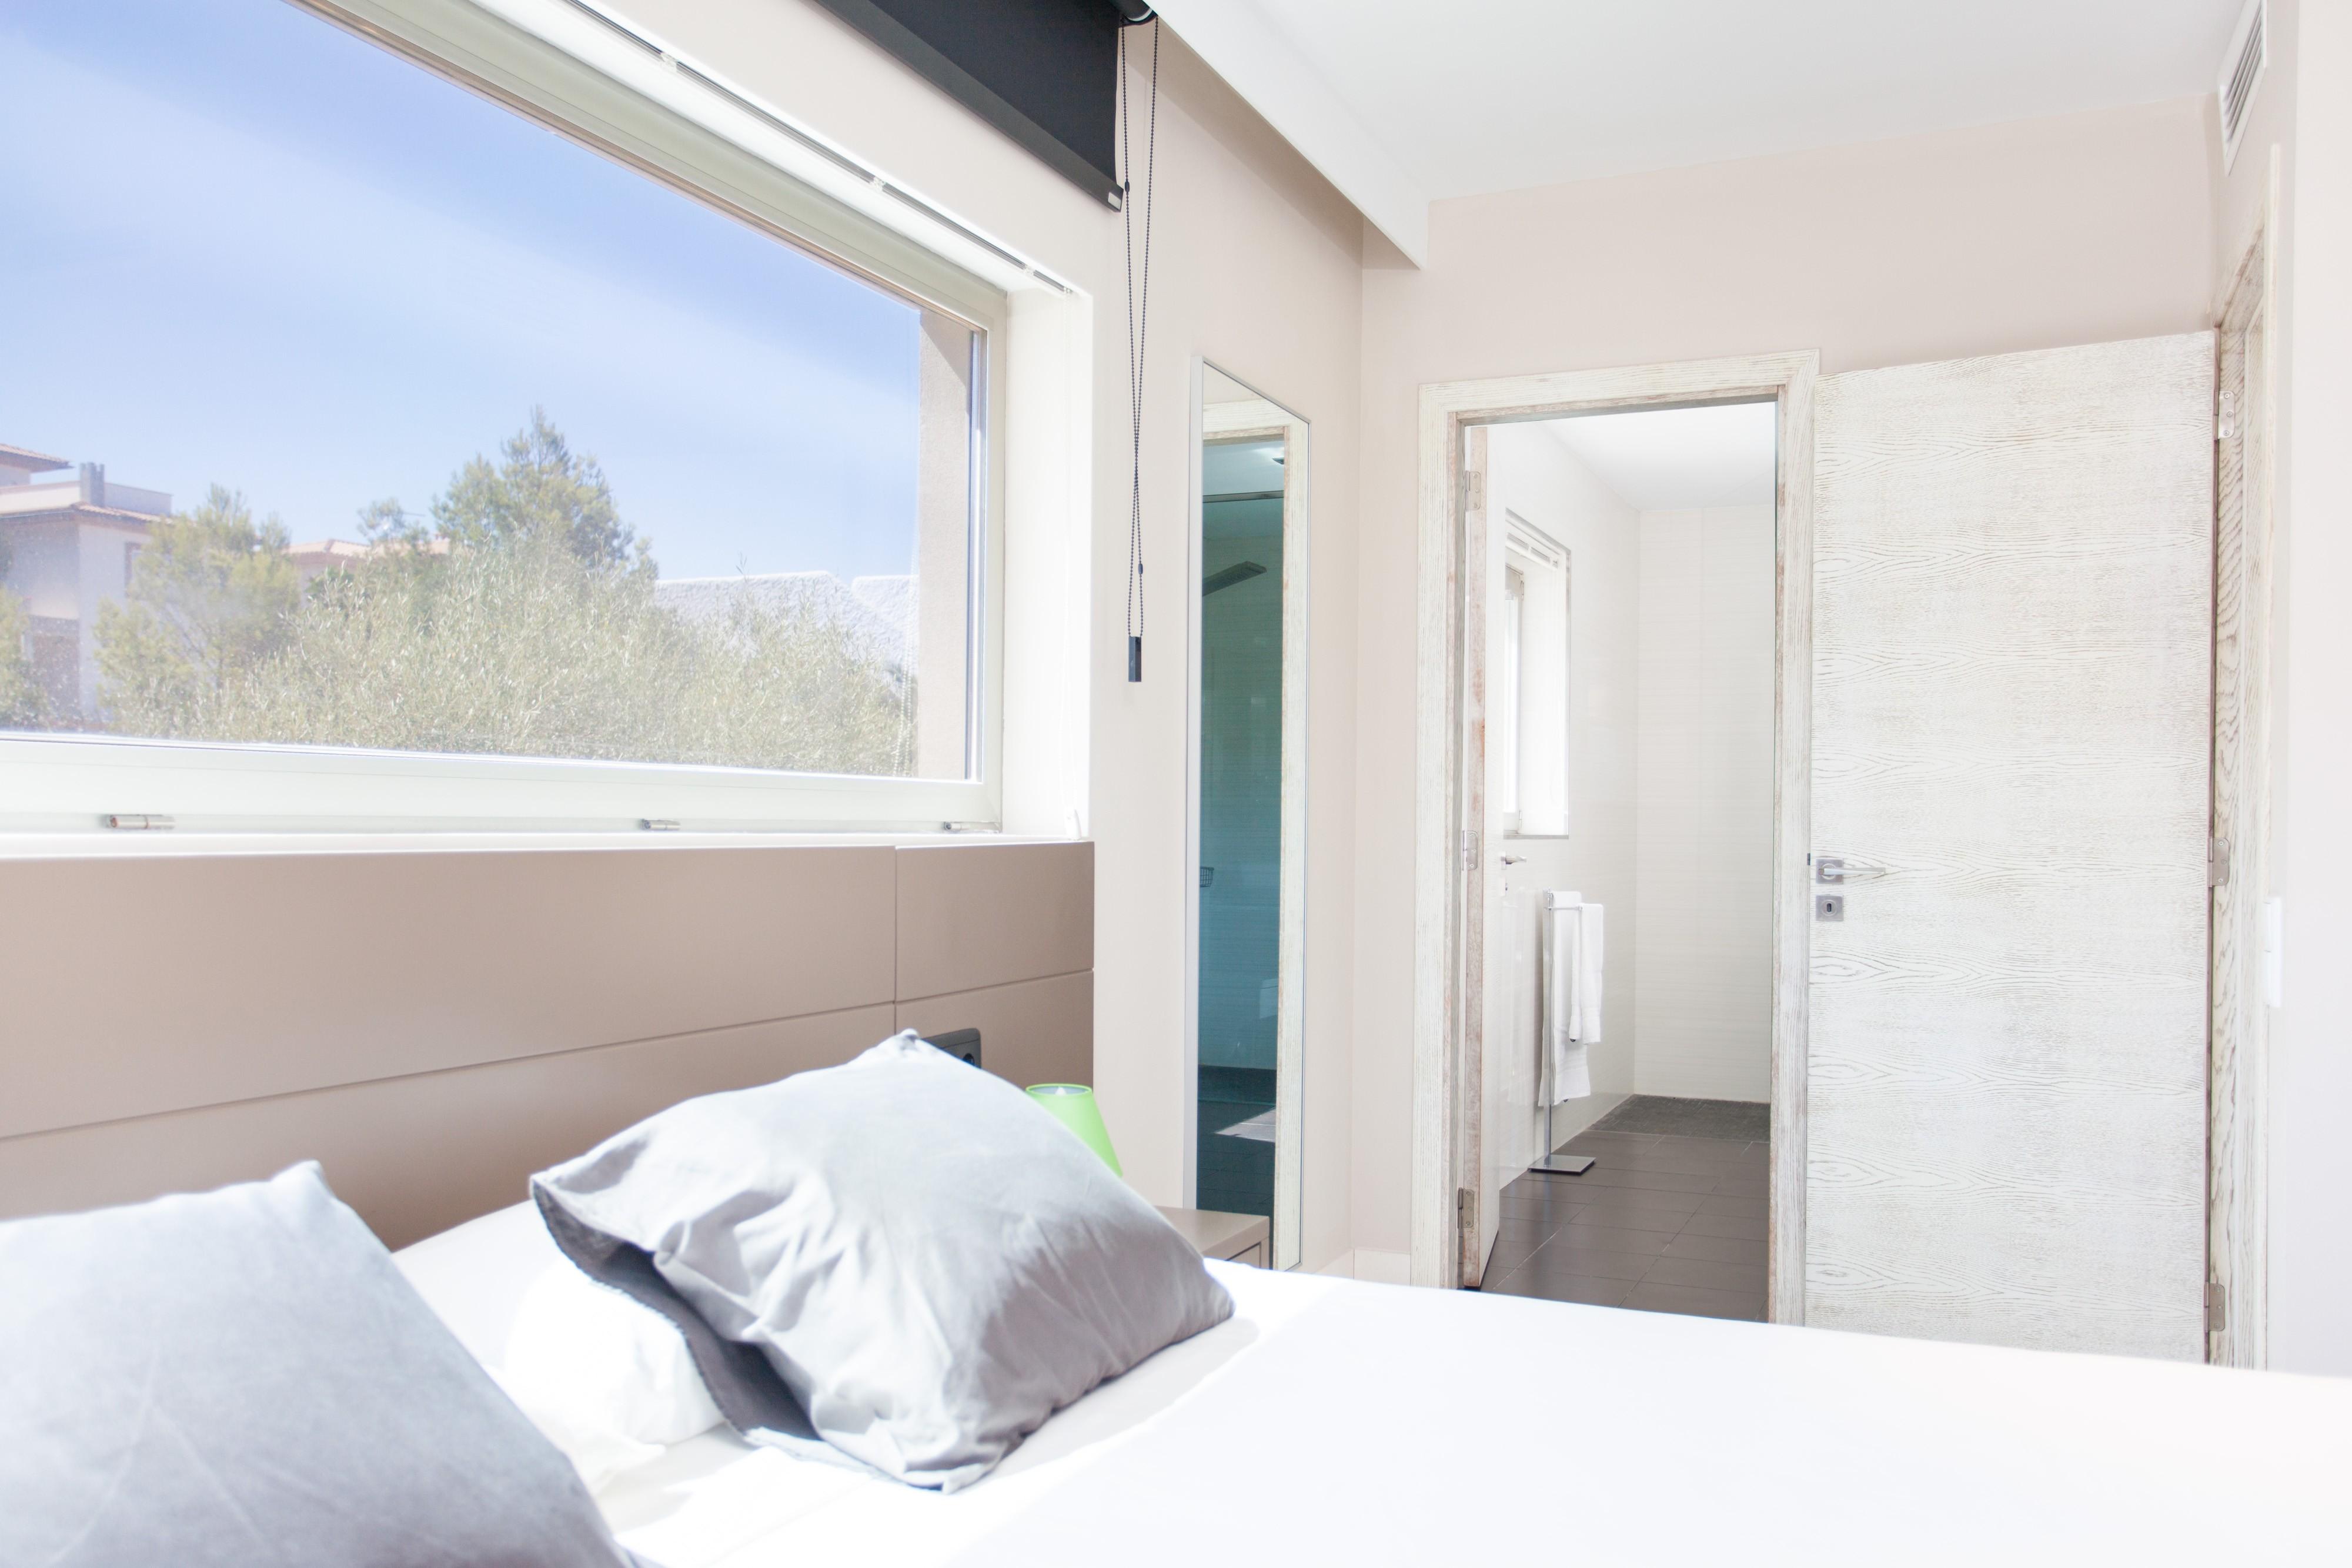 ferienhaus colonia de sant pere mit klimaanlage f r bis zu 8 personen mieten. Black Bedroom Furniture Sets. Home Design Ideas